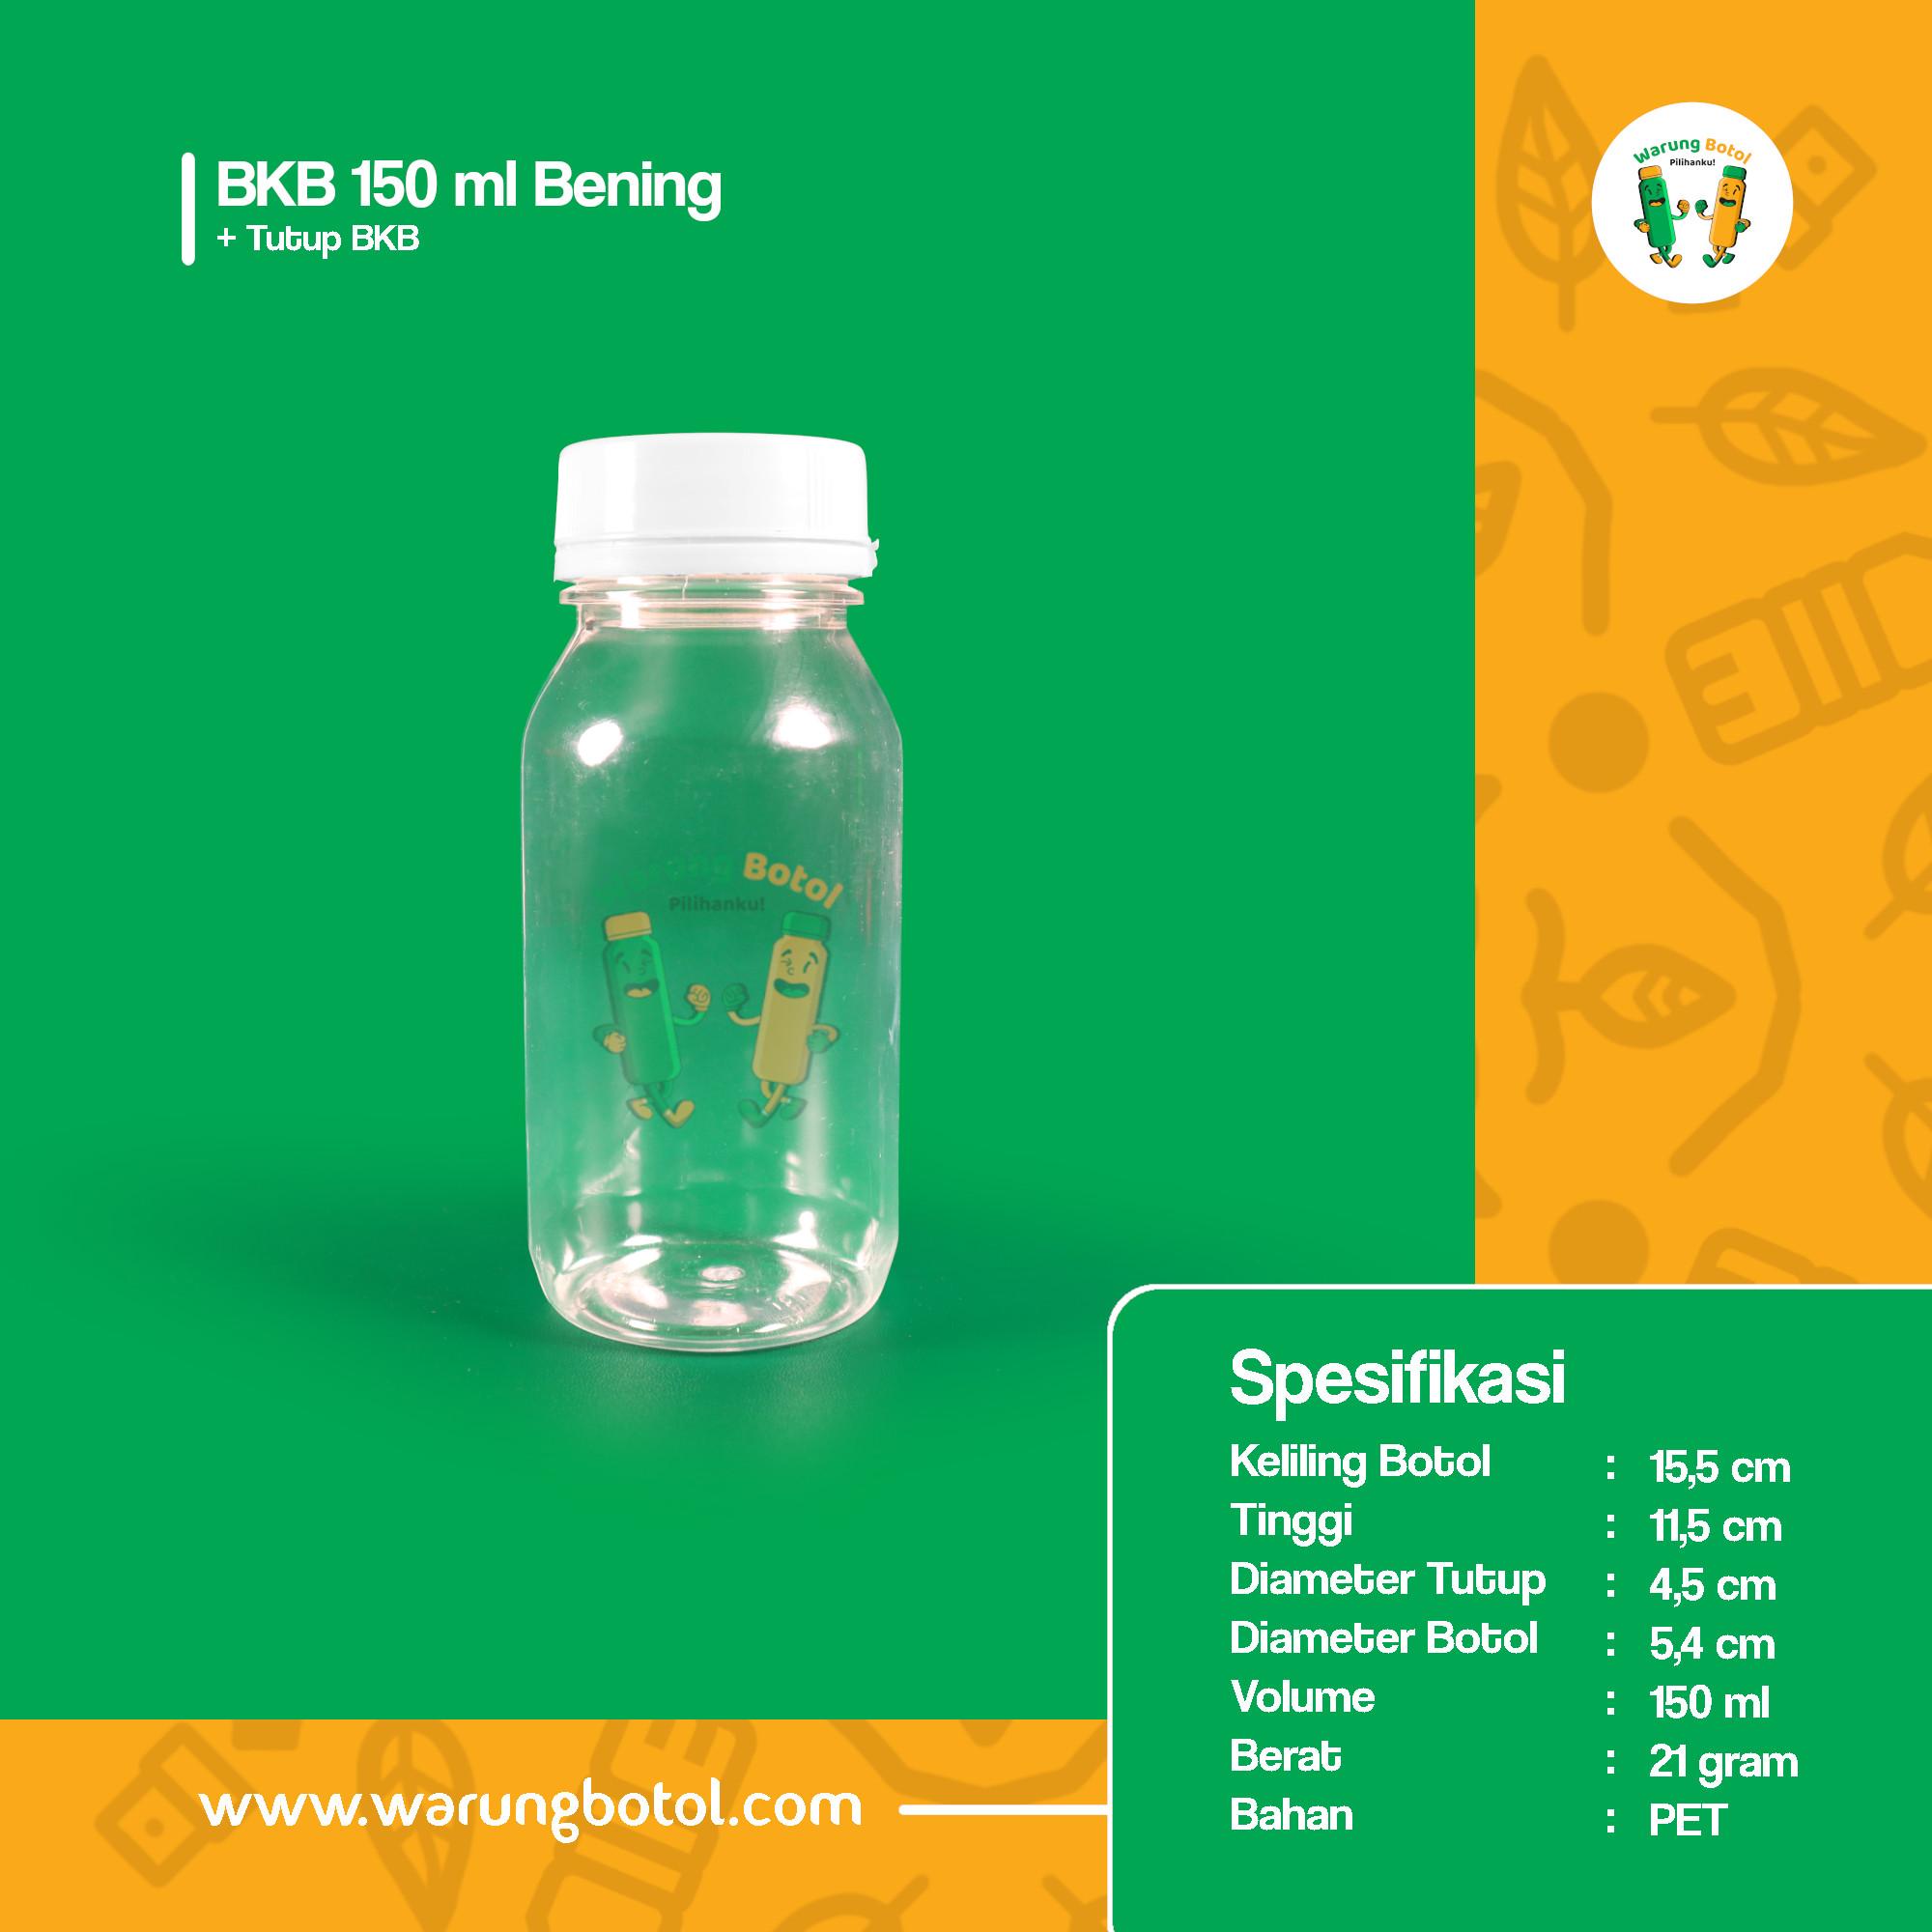 distributor toko jual botol plastik bkb untuk obat, kapsul, tablet 150ml bening murah terdekat bandung jakarta bogor bekasi